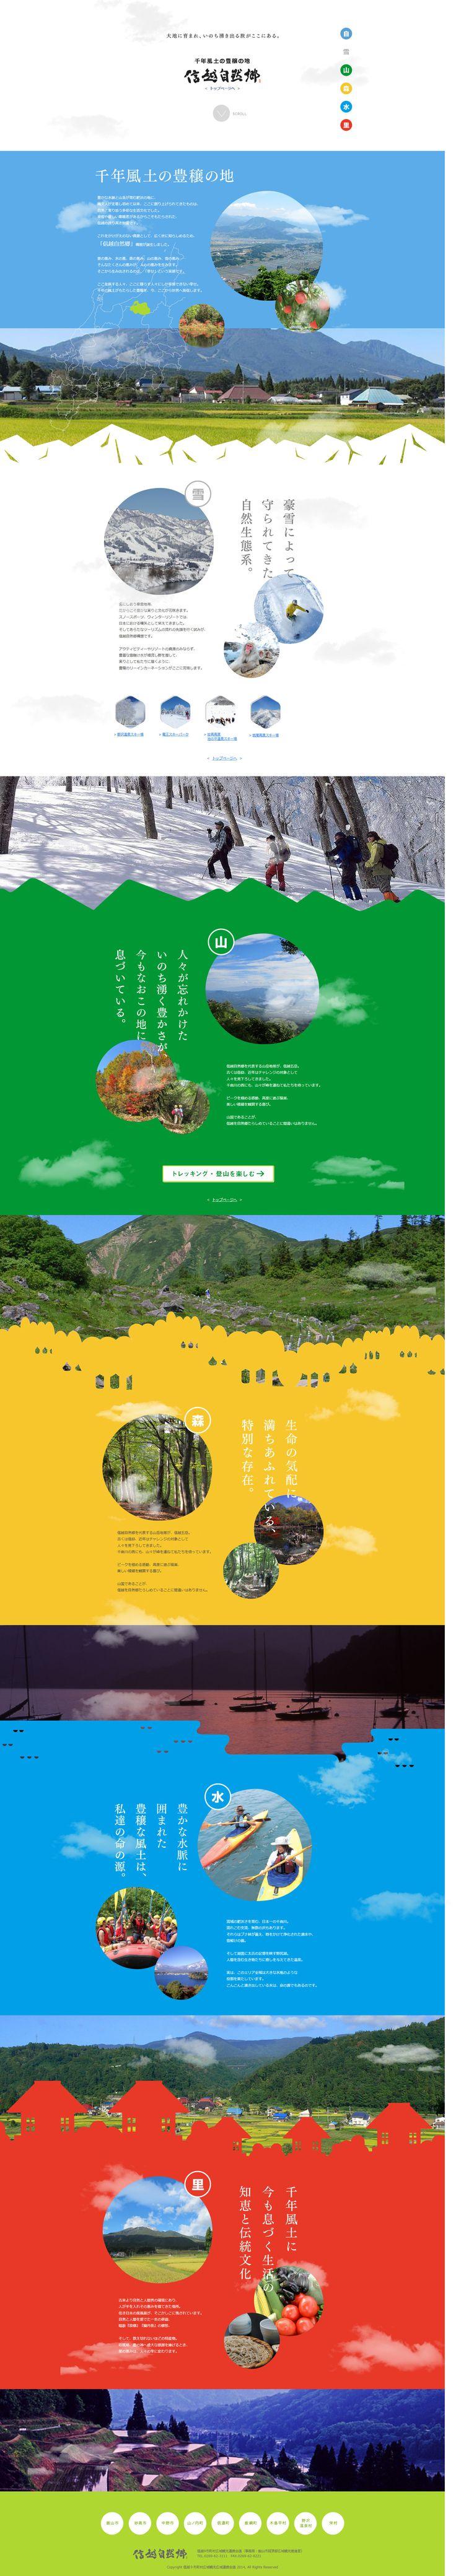 長野県、新潟県を楽しもう!千年風土の豊饒の地 信越自然郷                                                                                                                                                      もっと見る